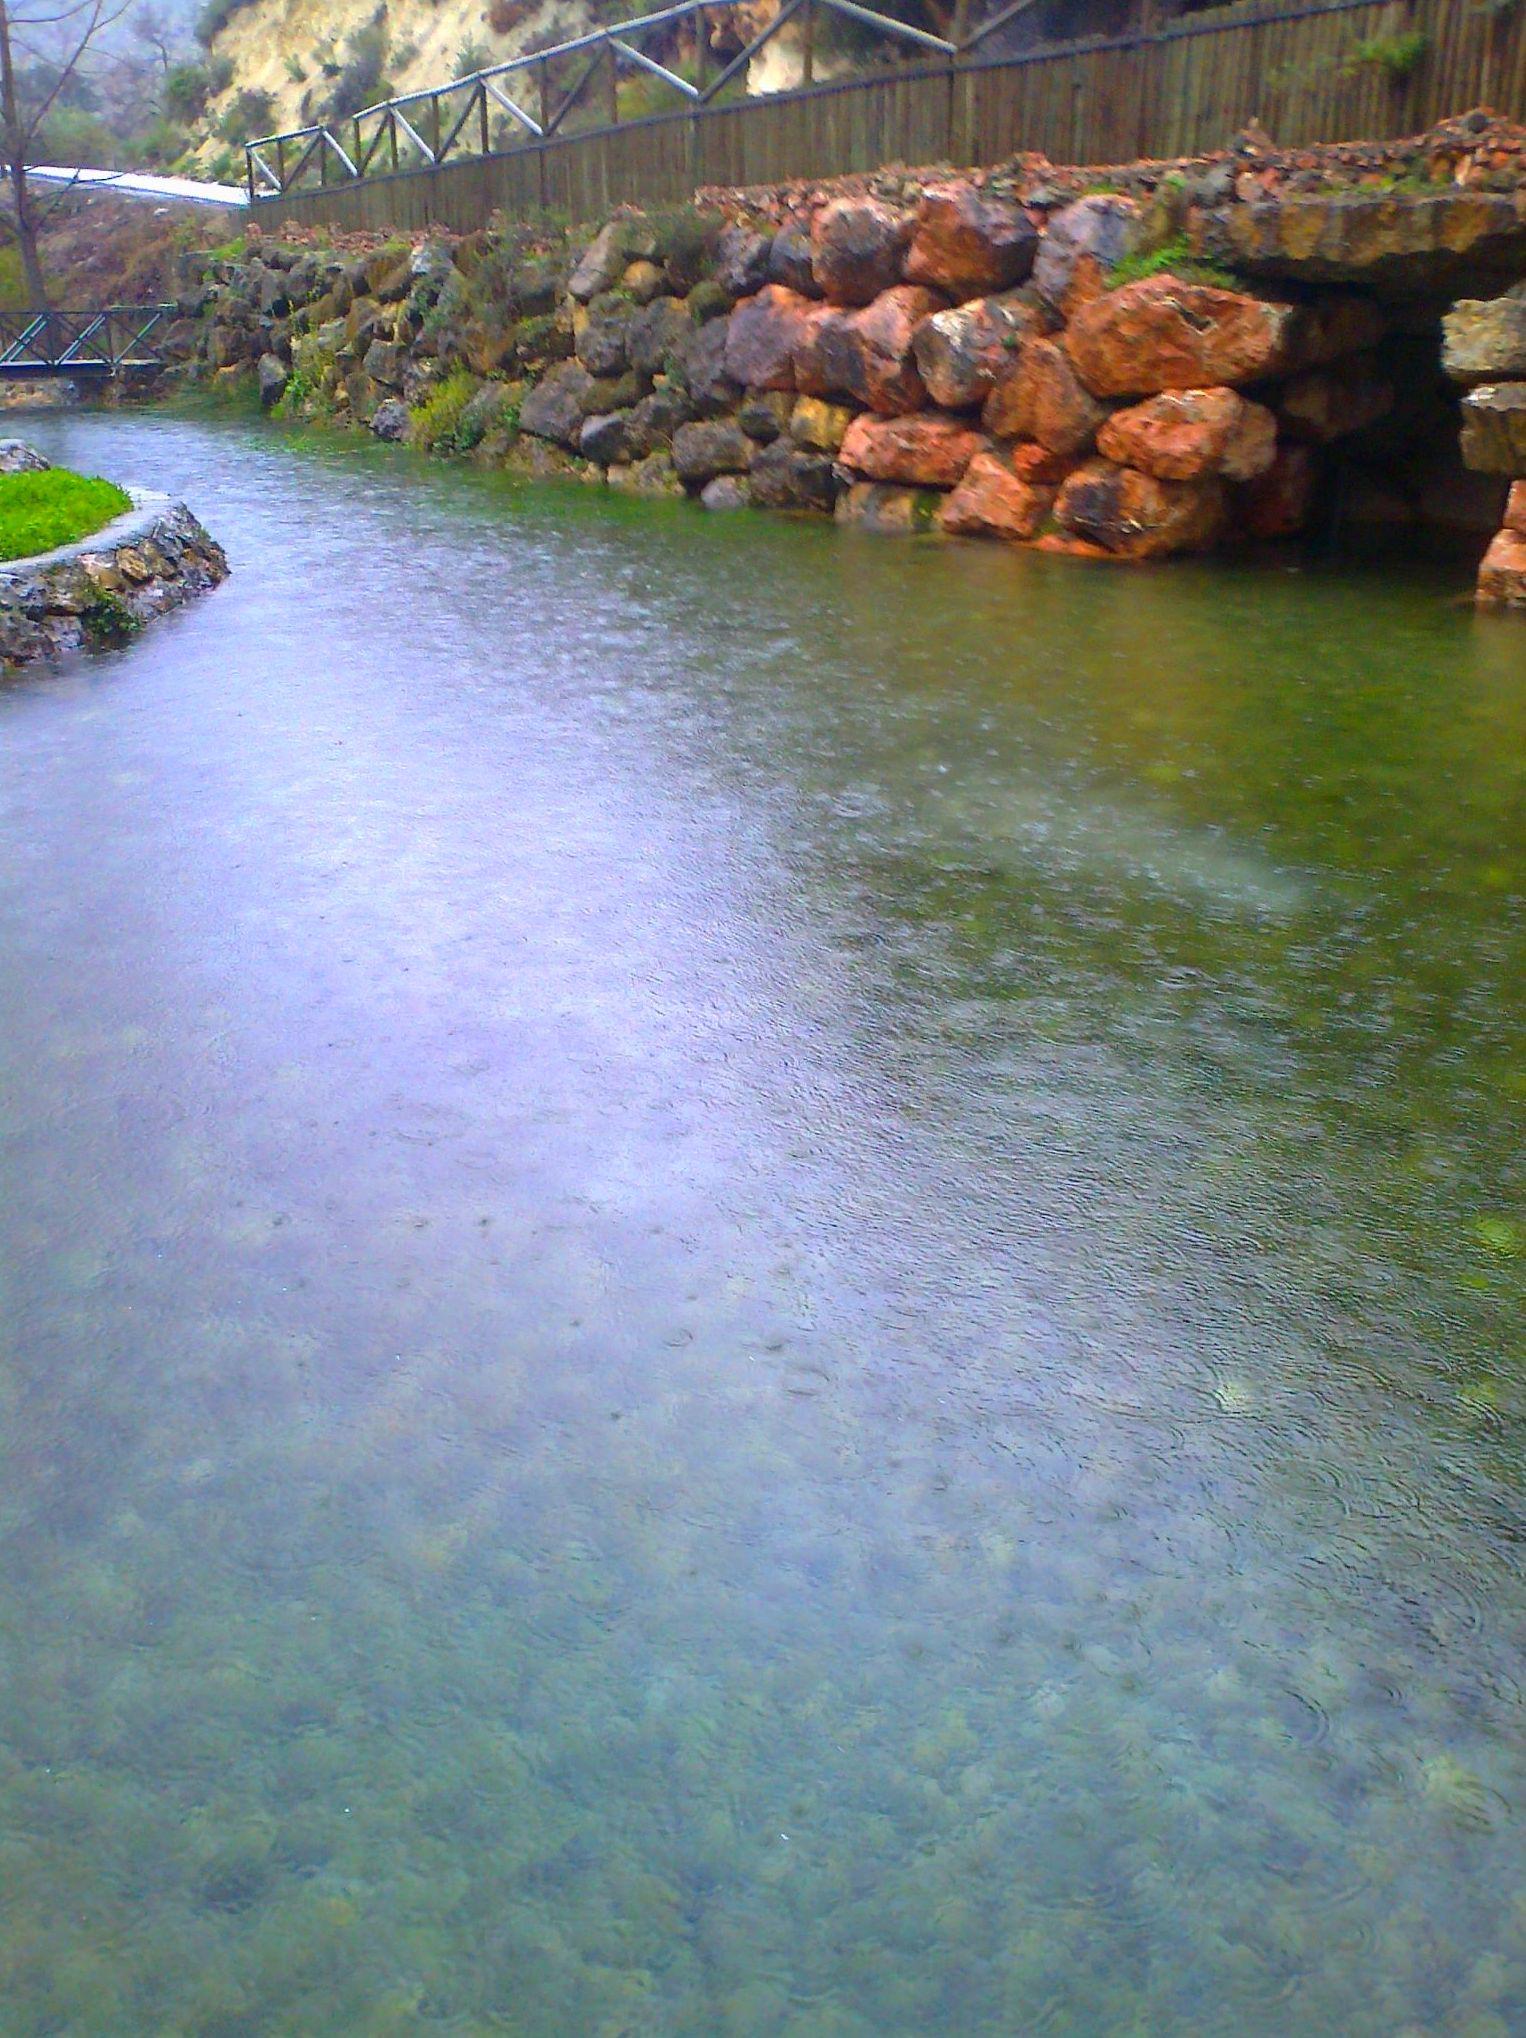 Nacimiento del rio San Juan-Castillo de Locubín-Sierra Sur de Jaén